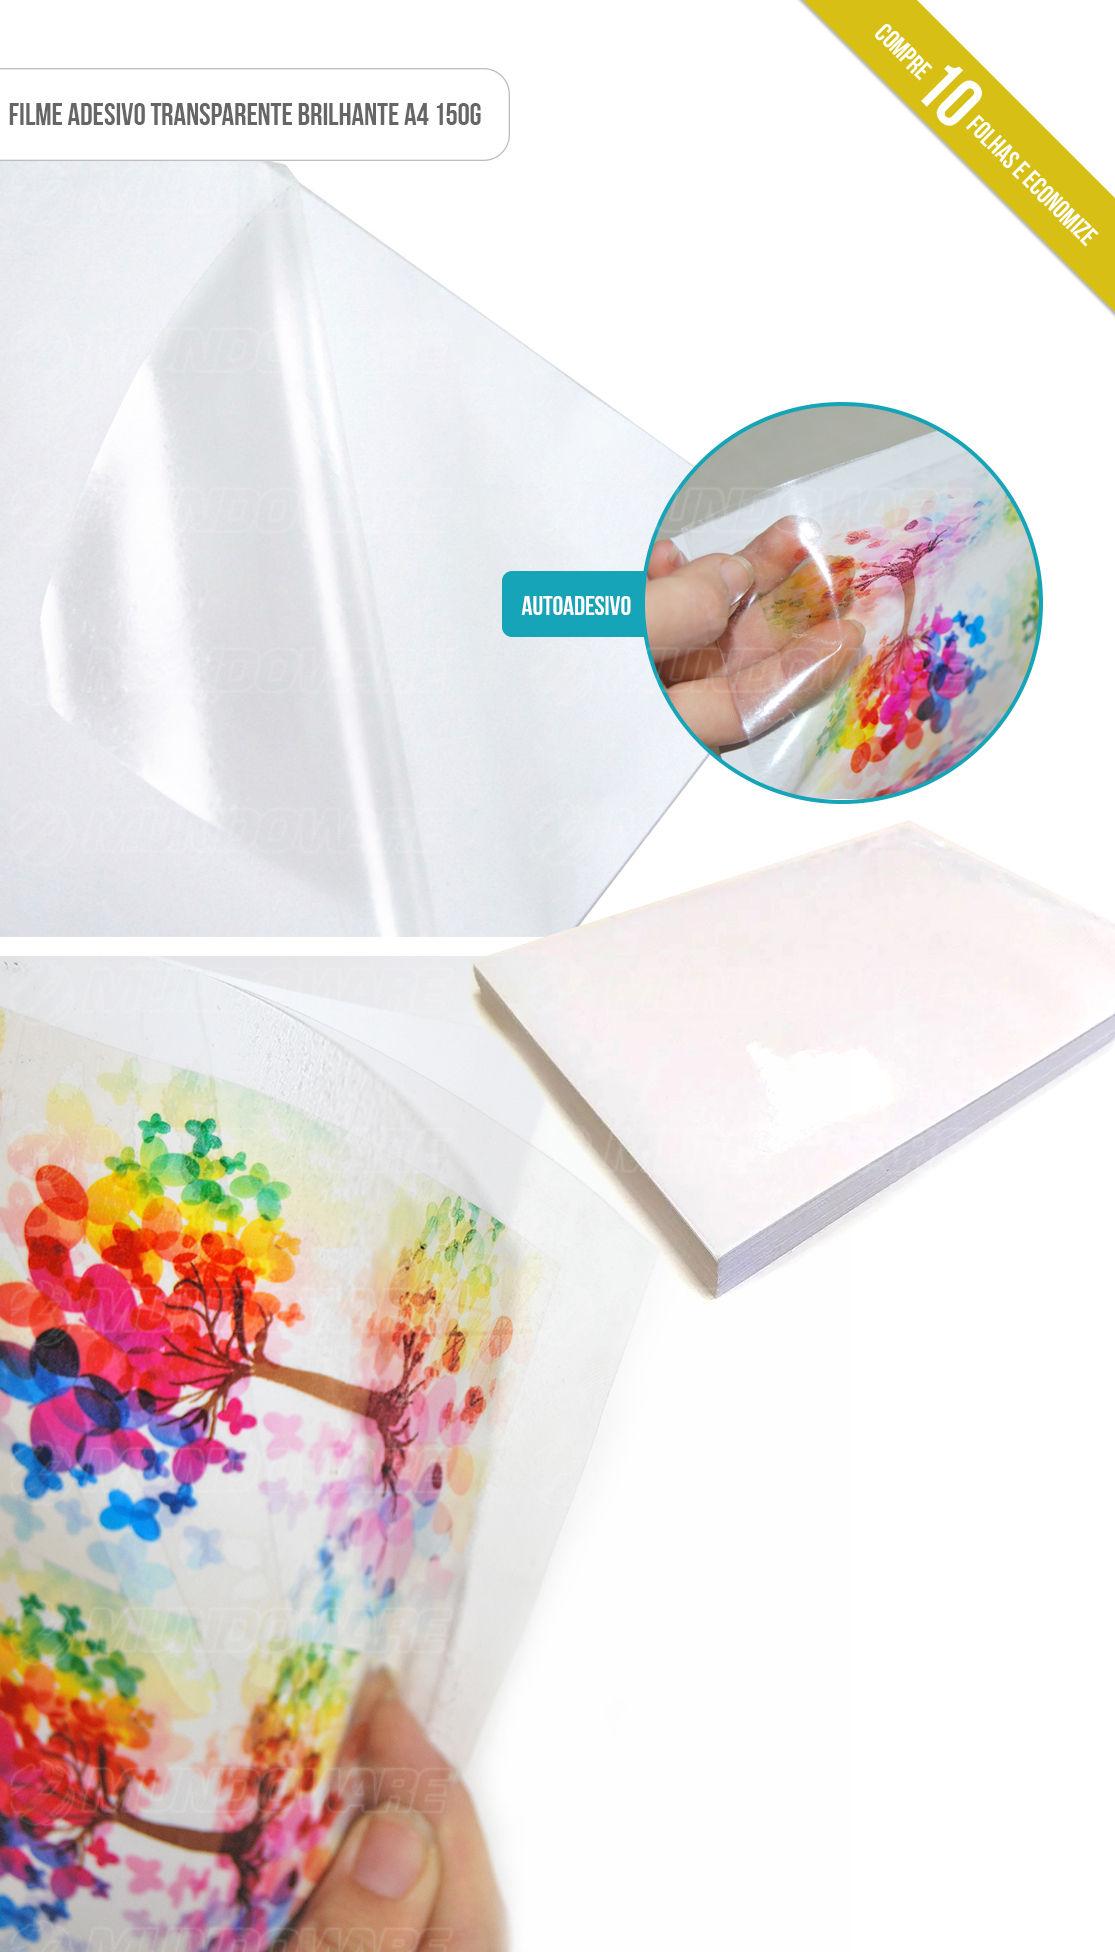 Papel Filme Transparente Brilhante Adesivo com 10 folhas A4 150g